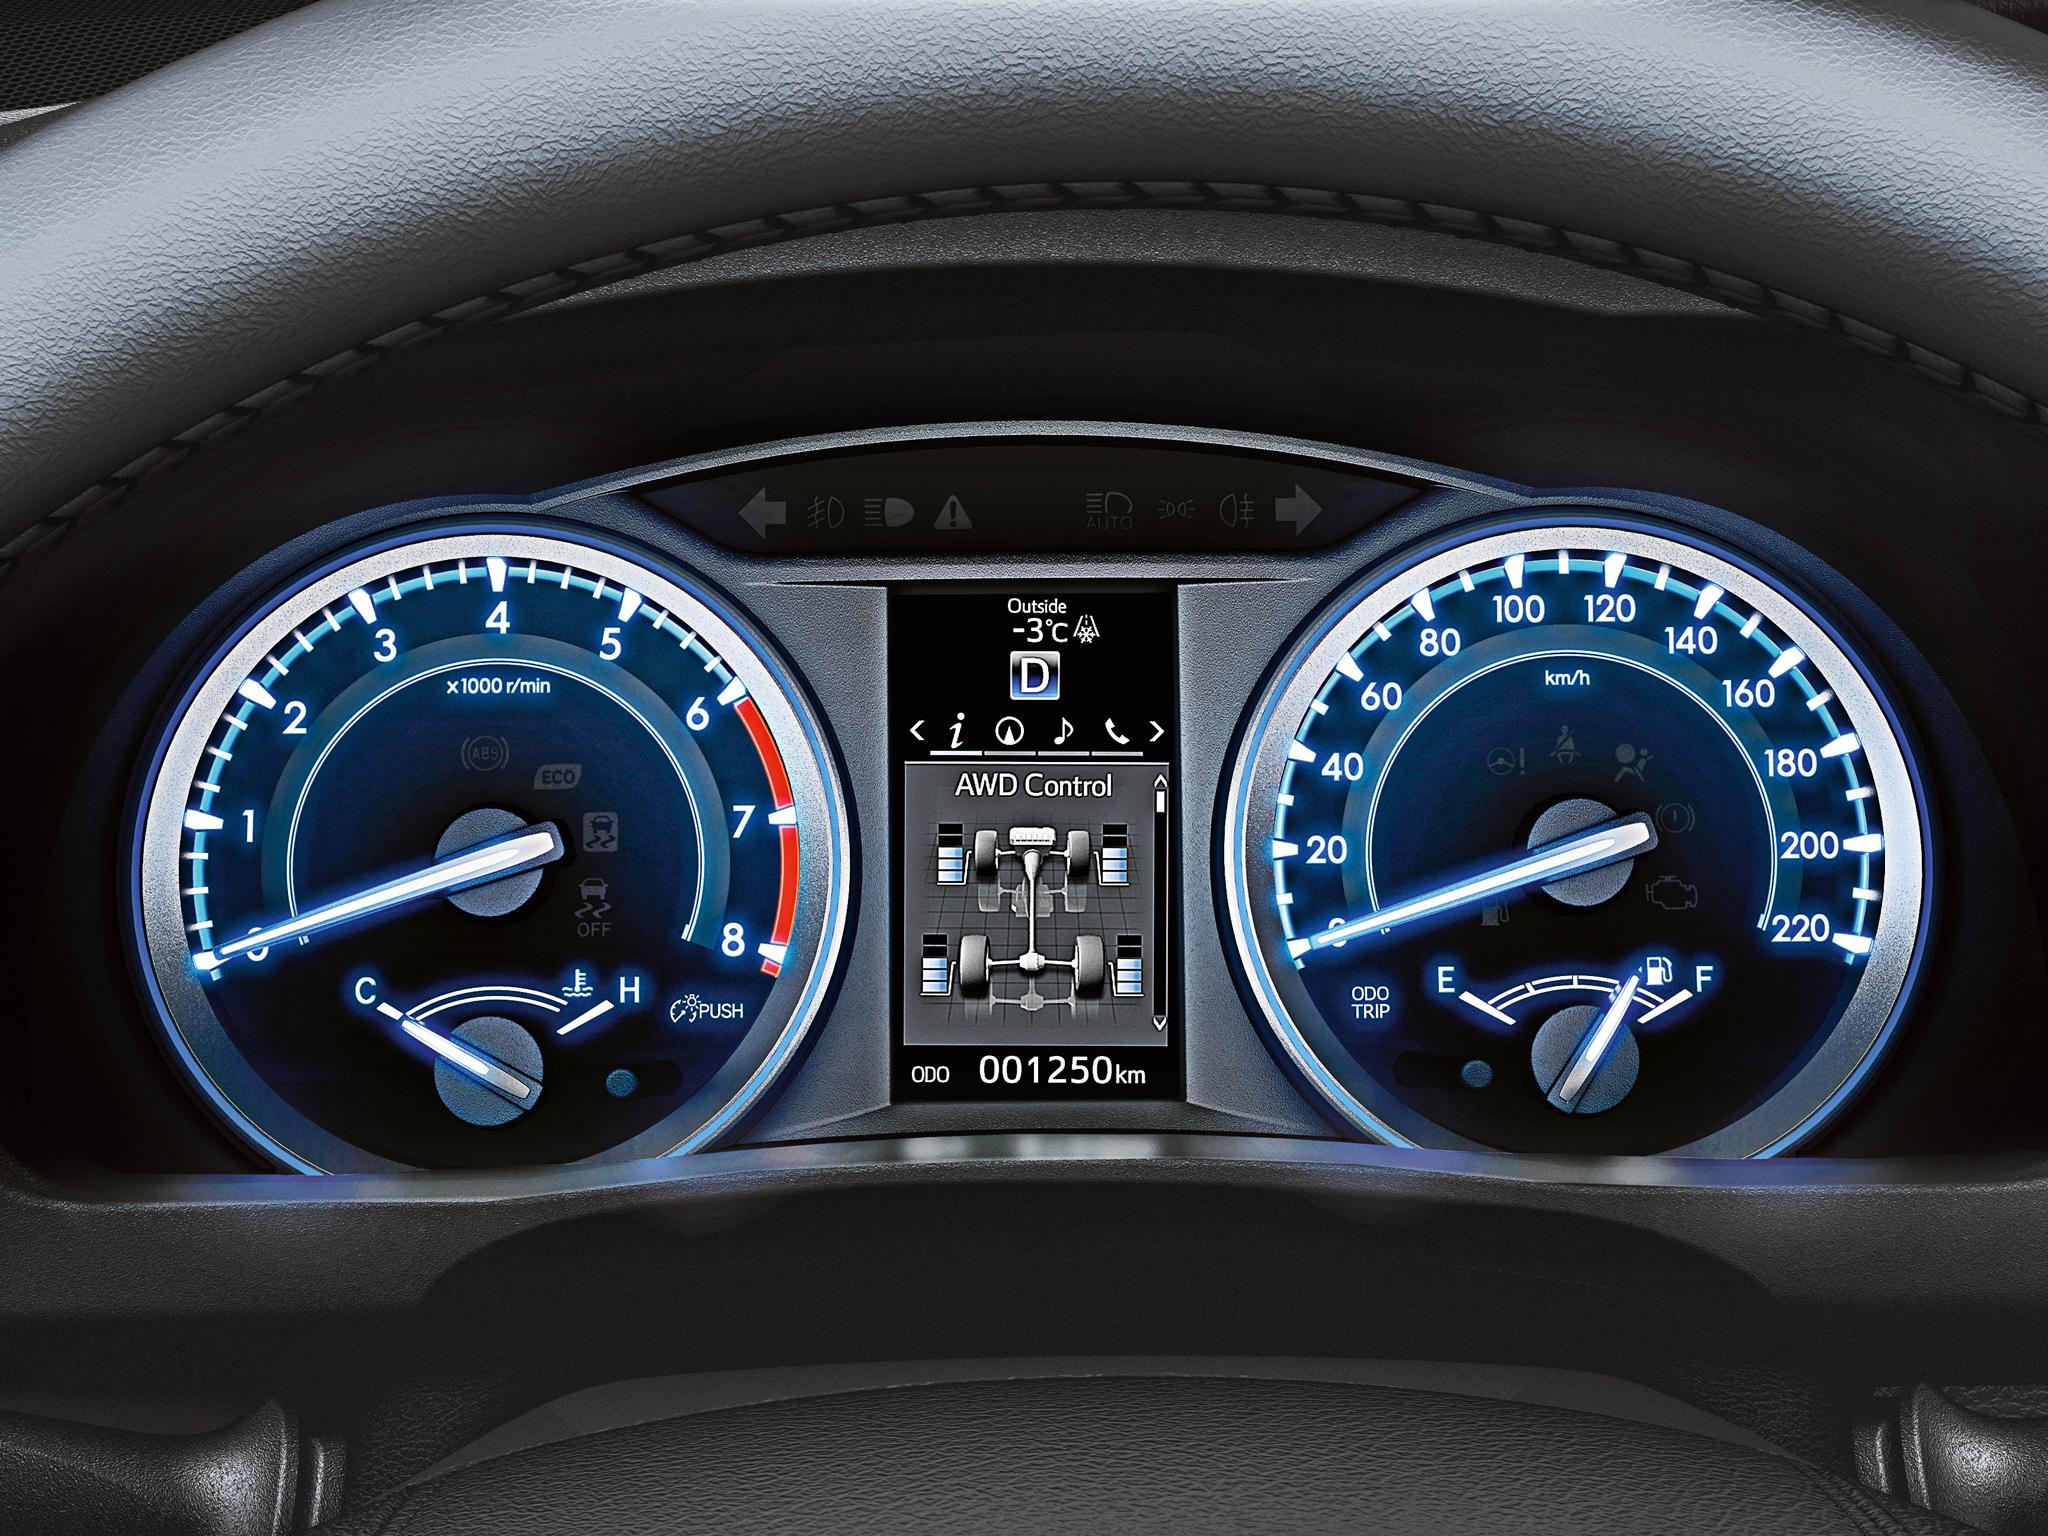 2014 Toyota Highlander Cis Spec Suv Interior G Wallpaper